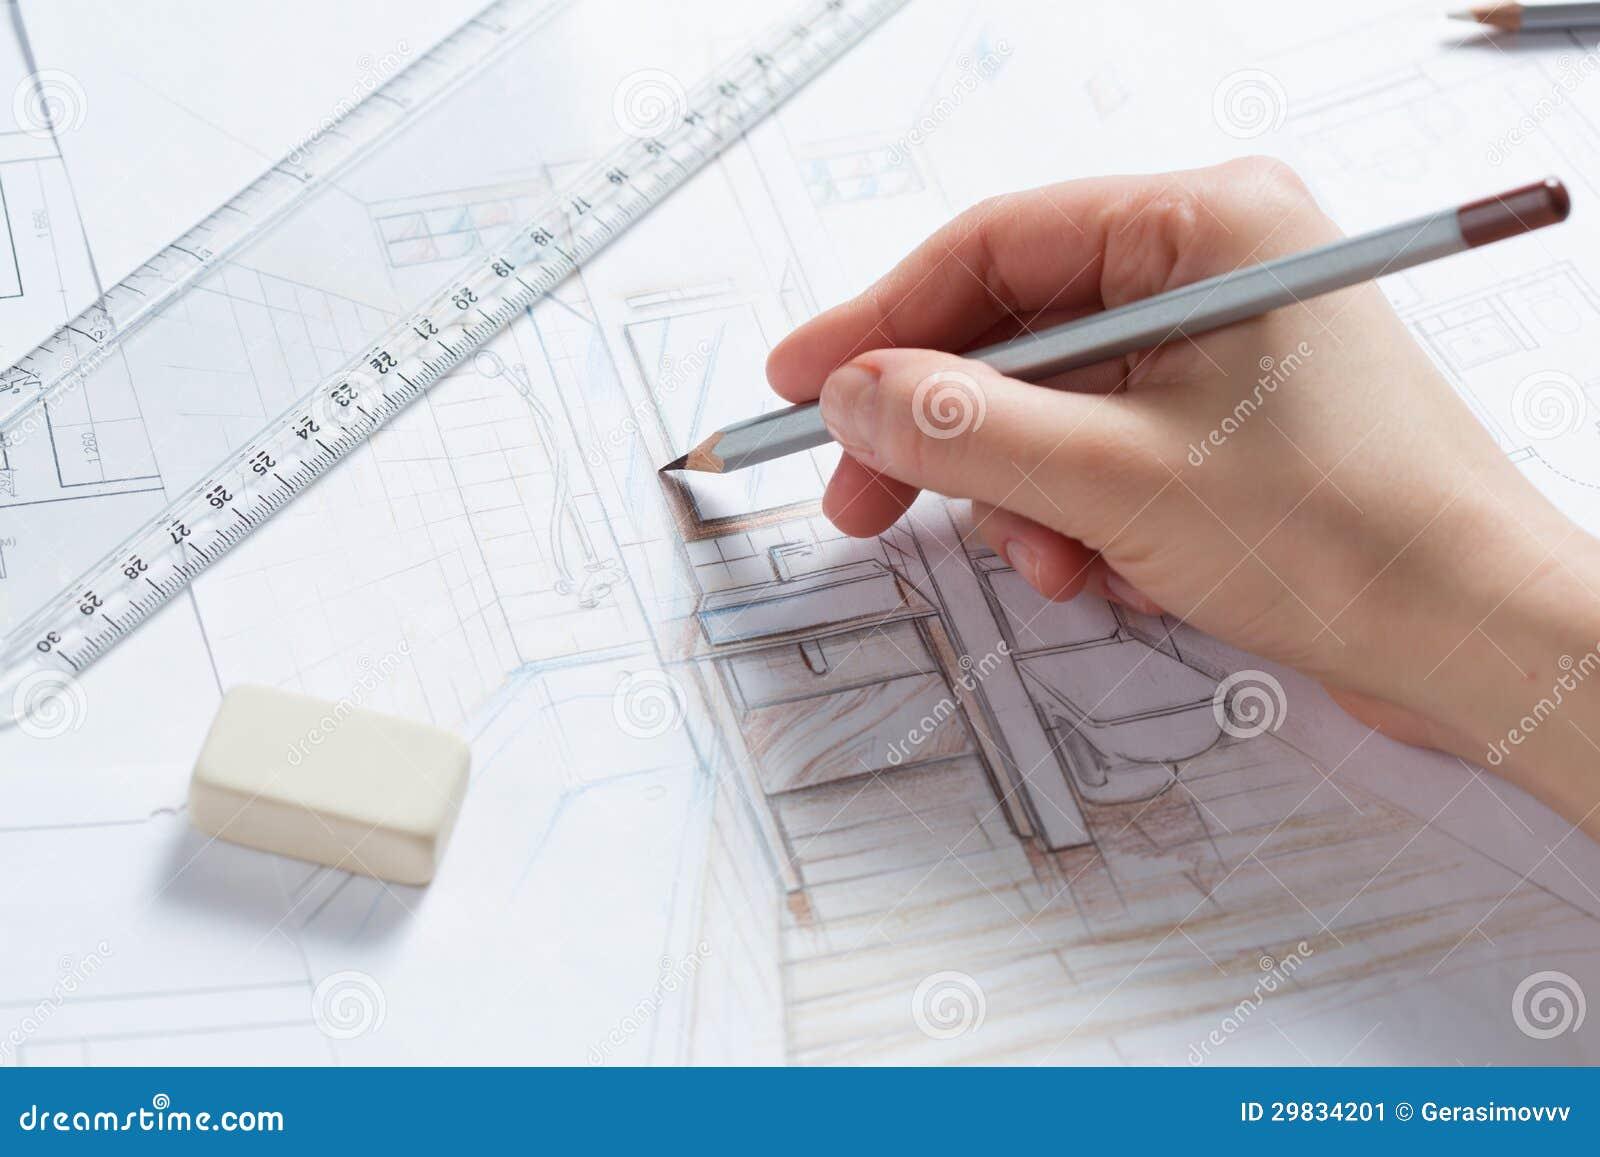 Detalhes do desenho da mão de interior